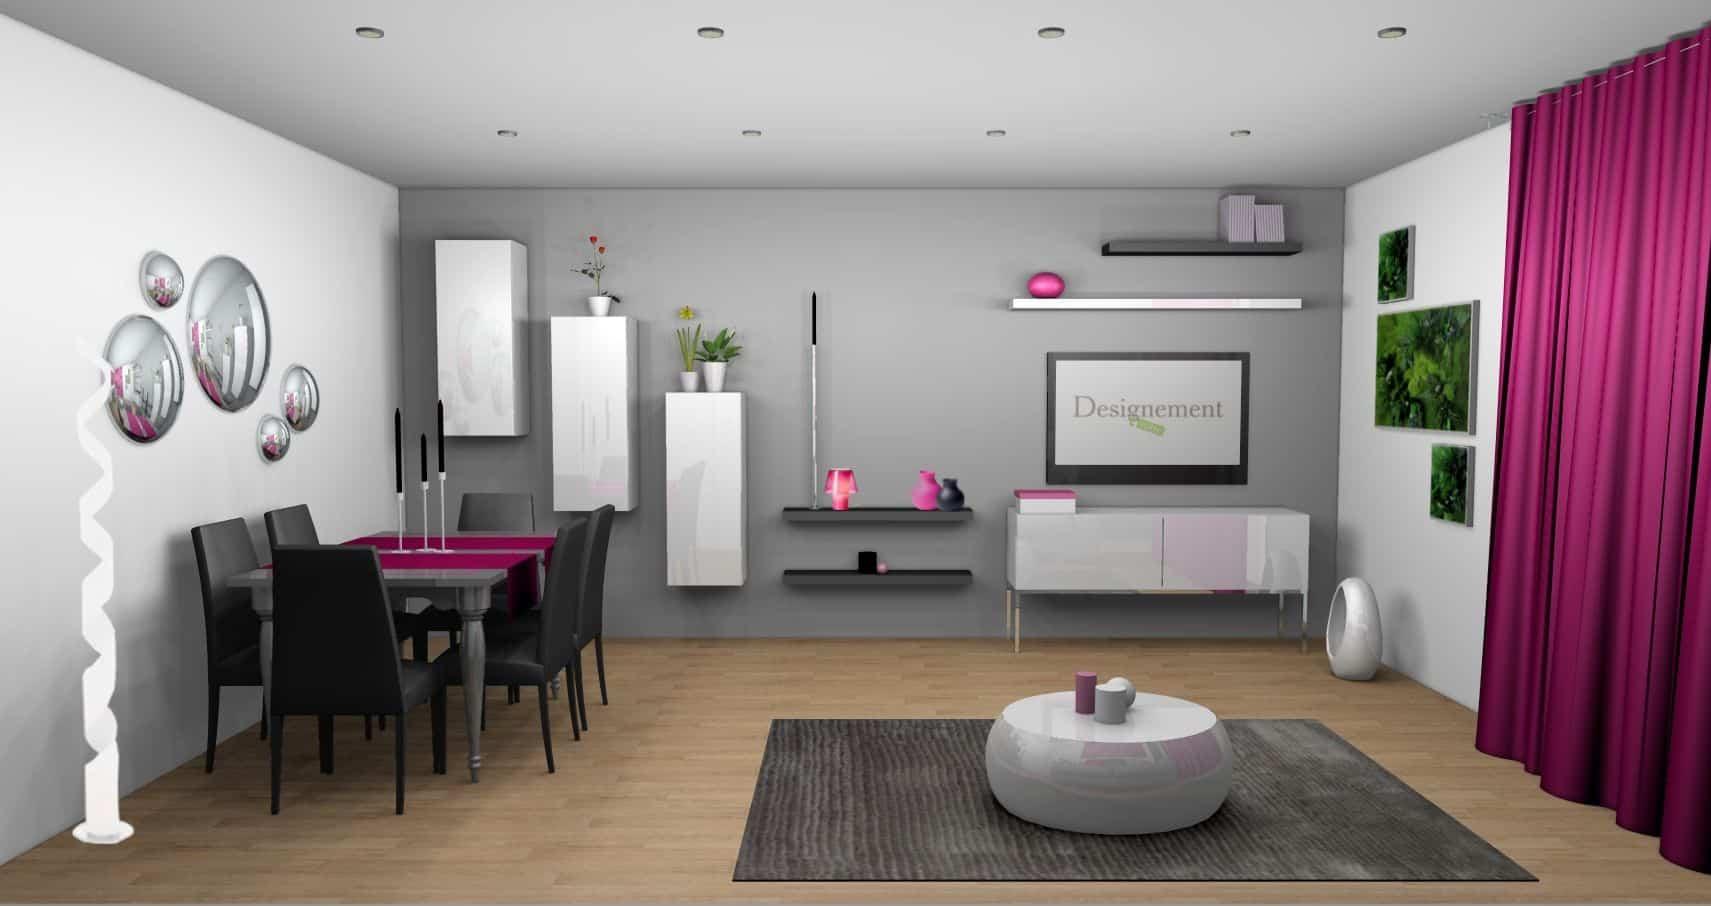 Blog décoration : comment payer moins, et rendre sa maison élégante en utilisant un blog décoration ?